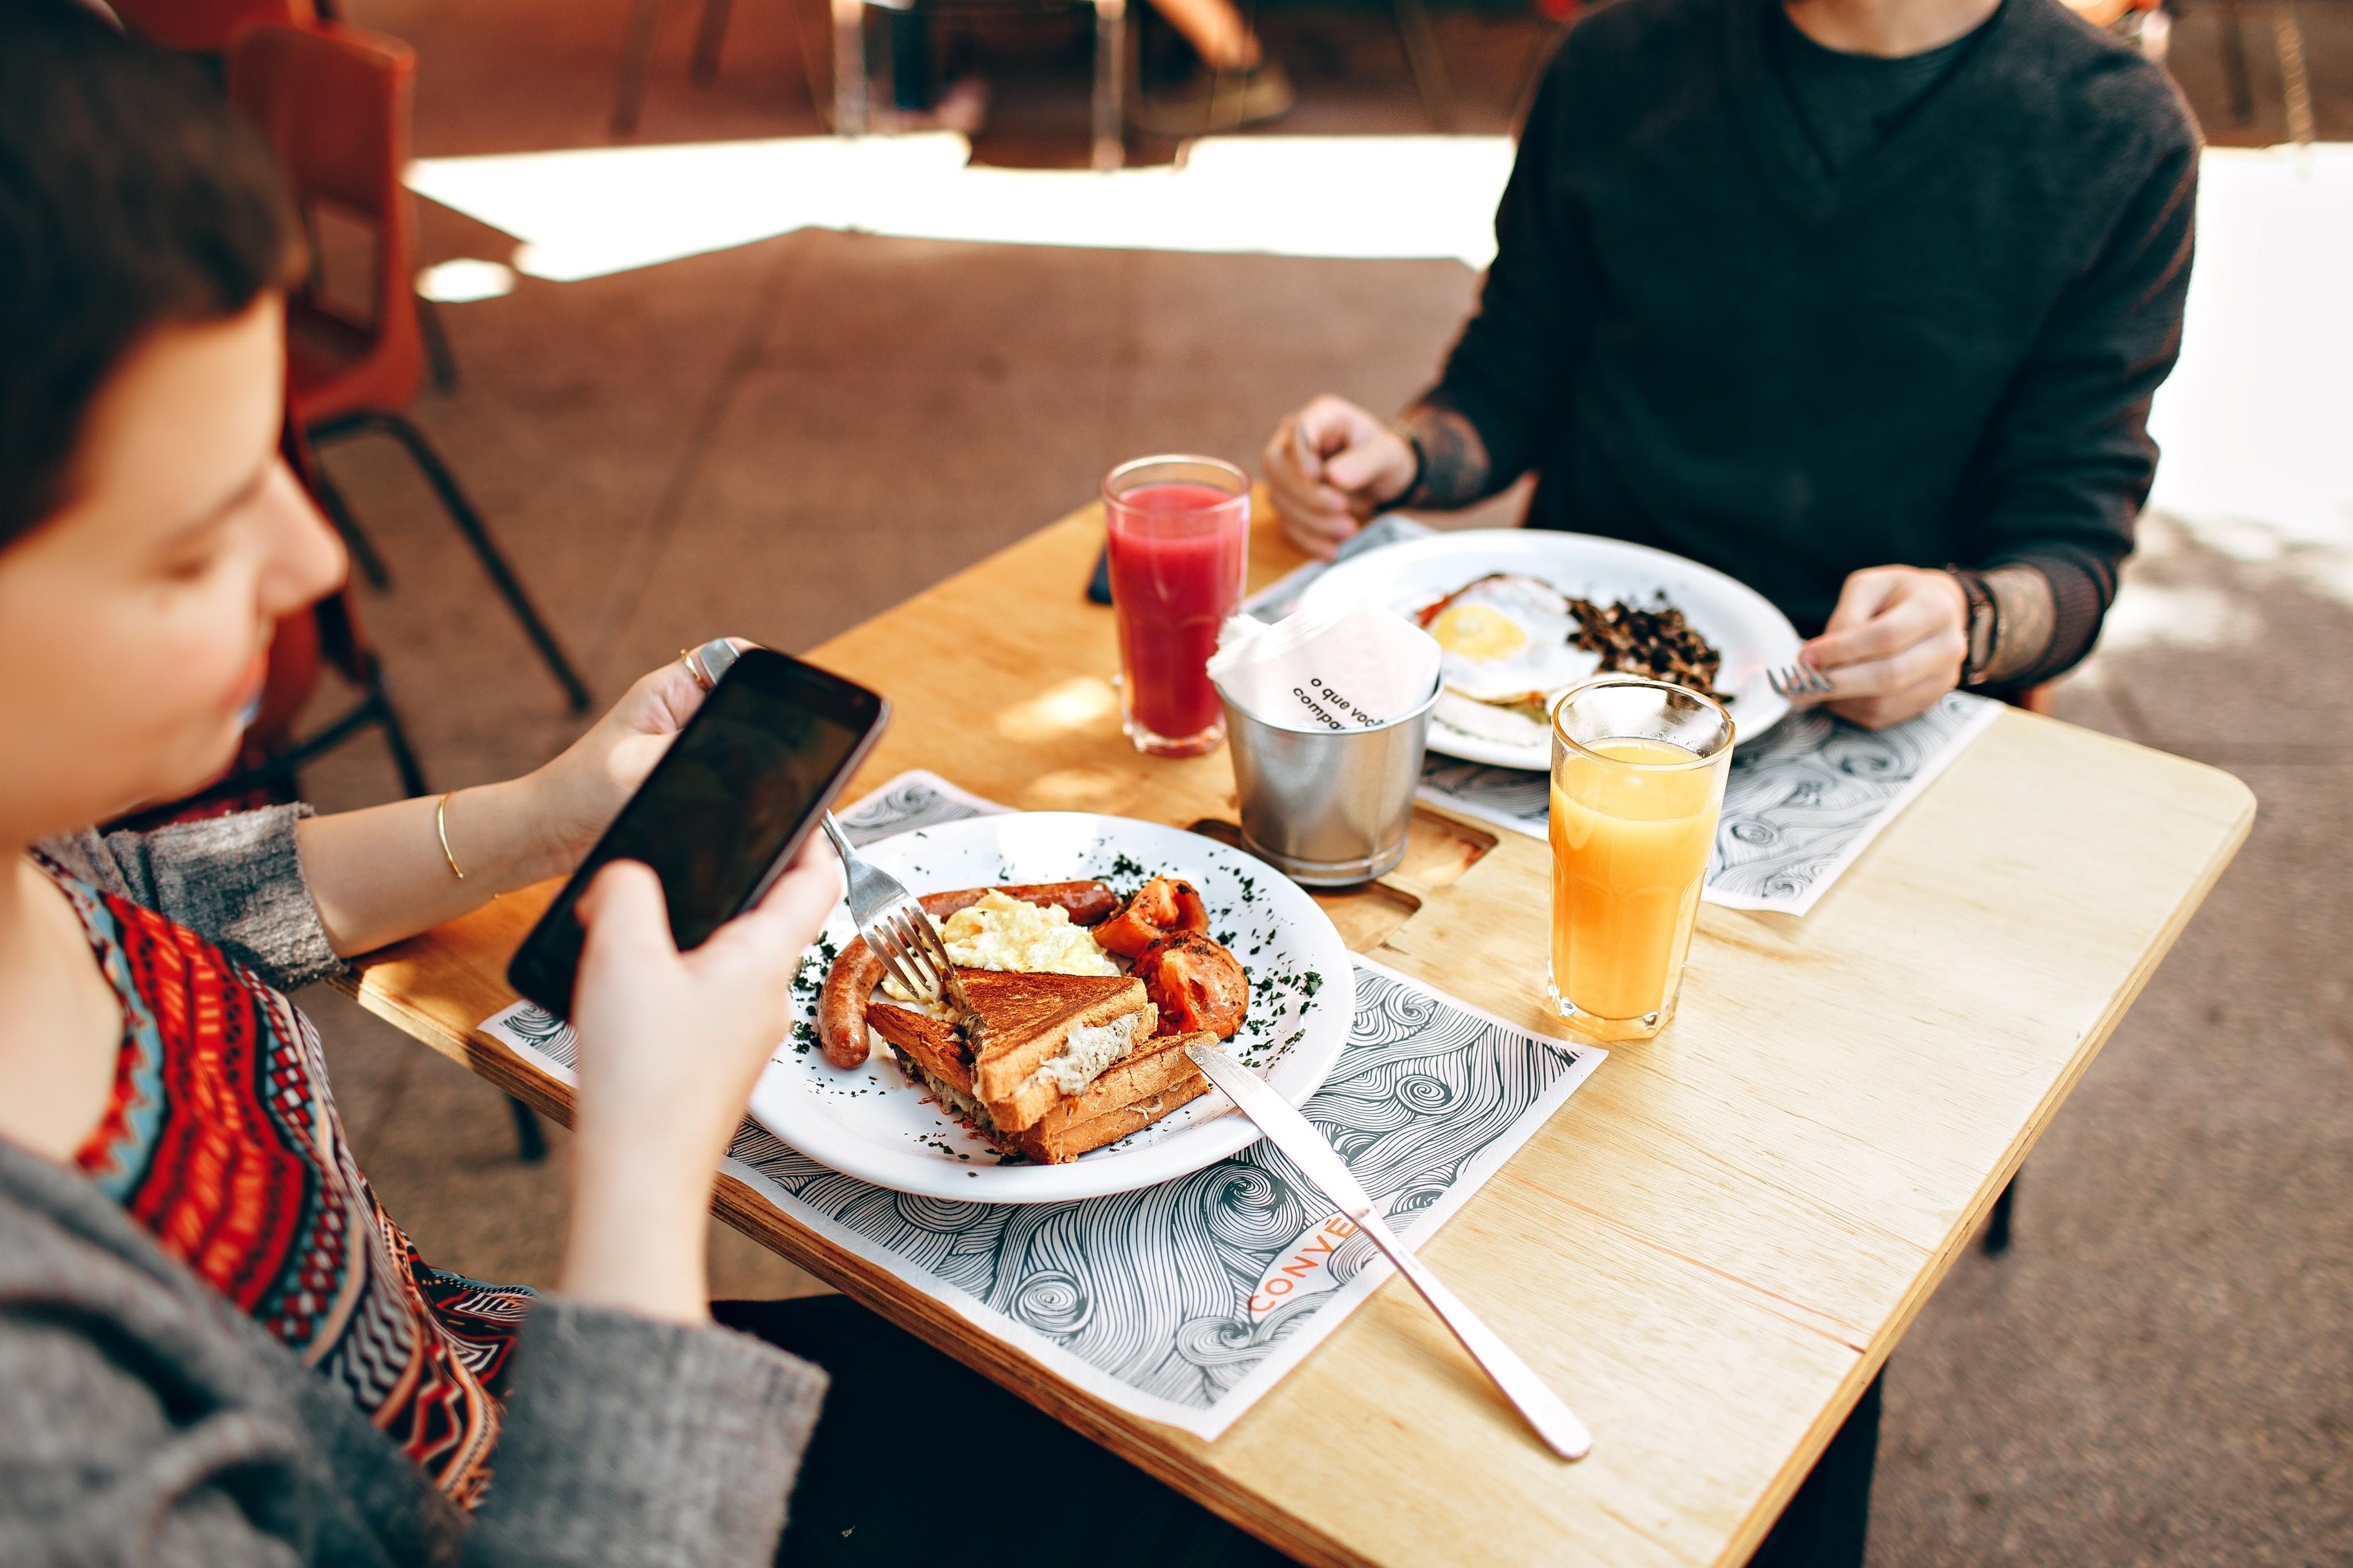 10 простых приемов, которые помогут обмануть аппетит и не переесть